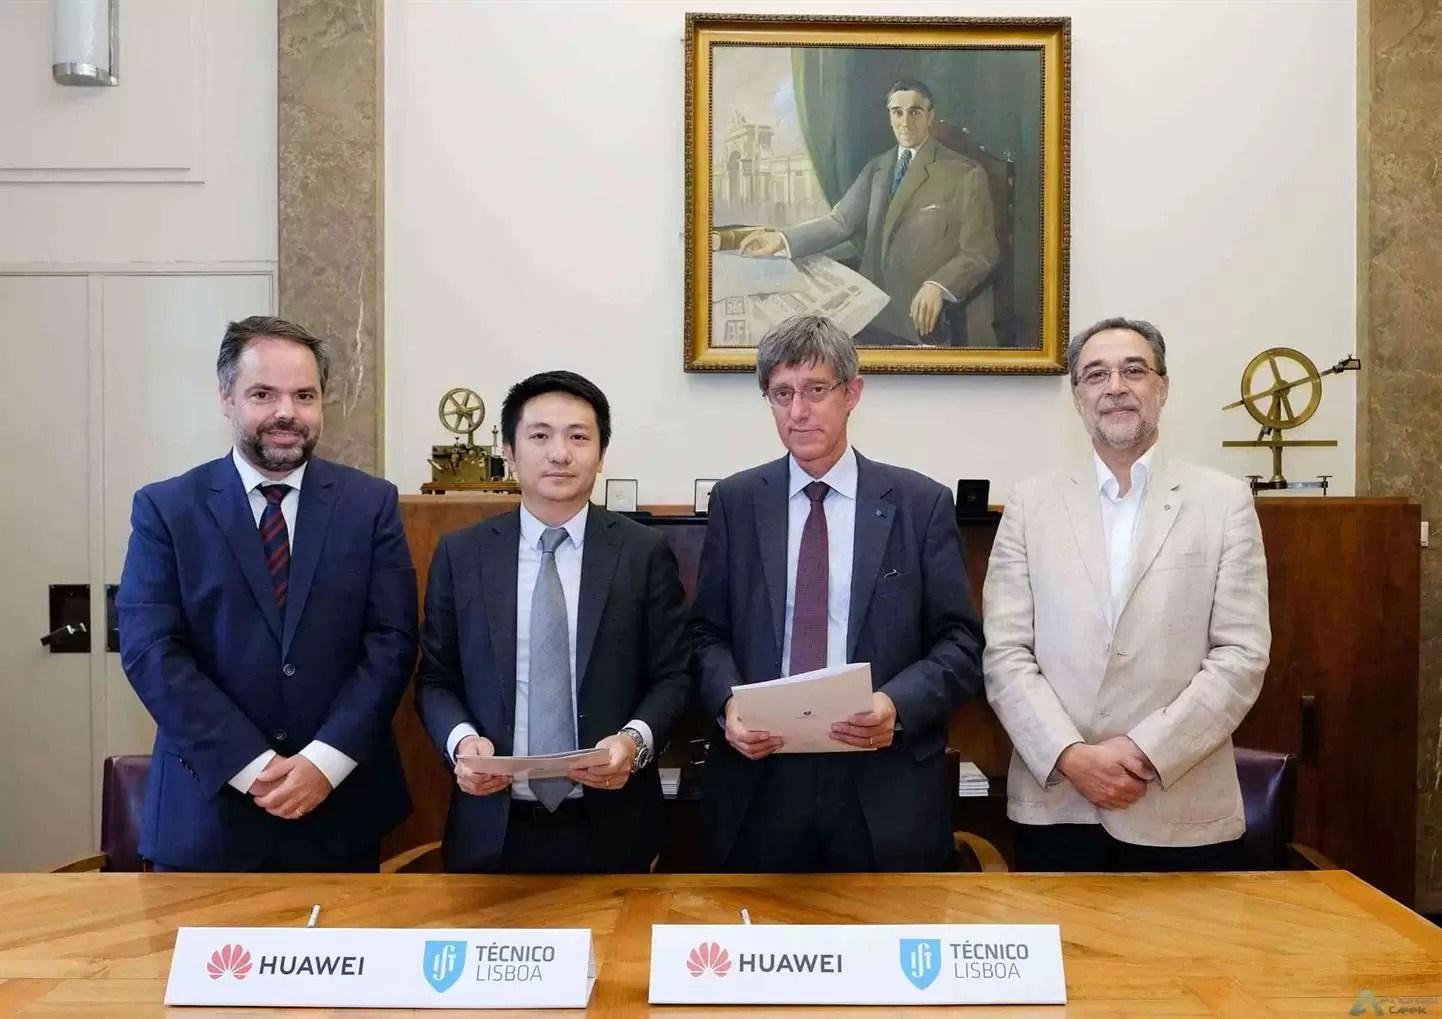 Huawei assina parceria com Instituto Superior Técnico para apoiar a formação de engenheiros de telecomunicações 2